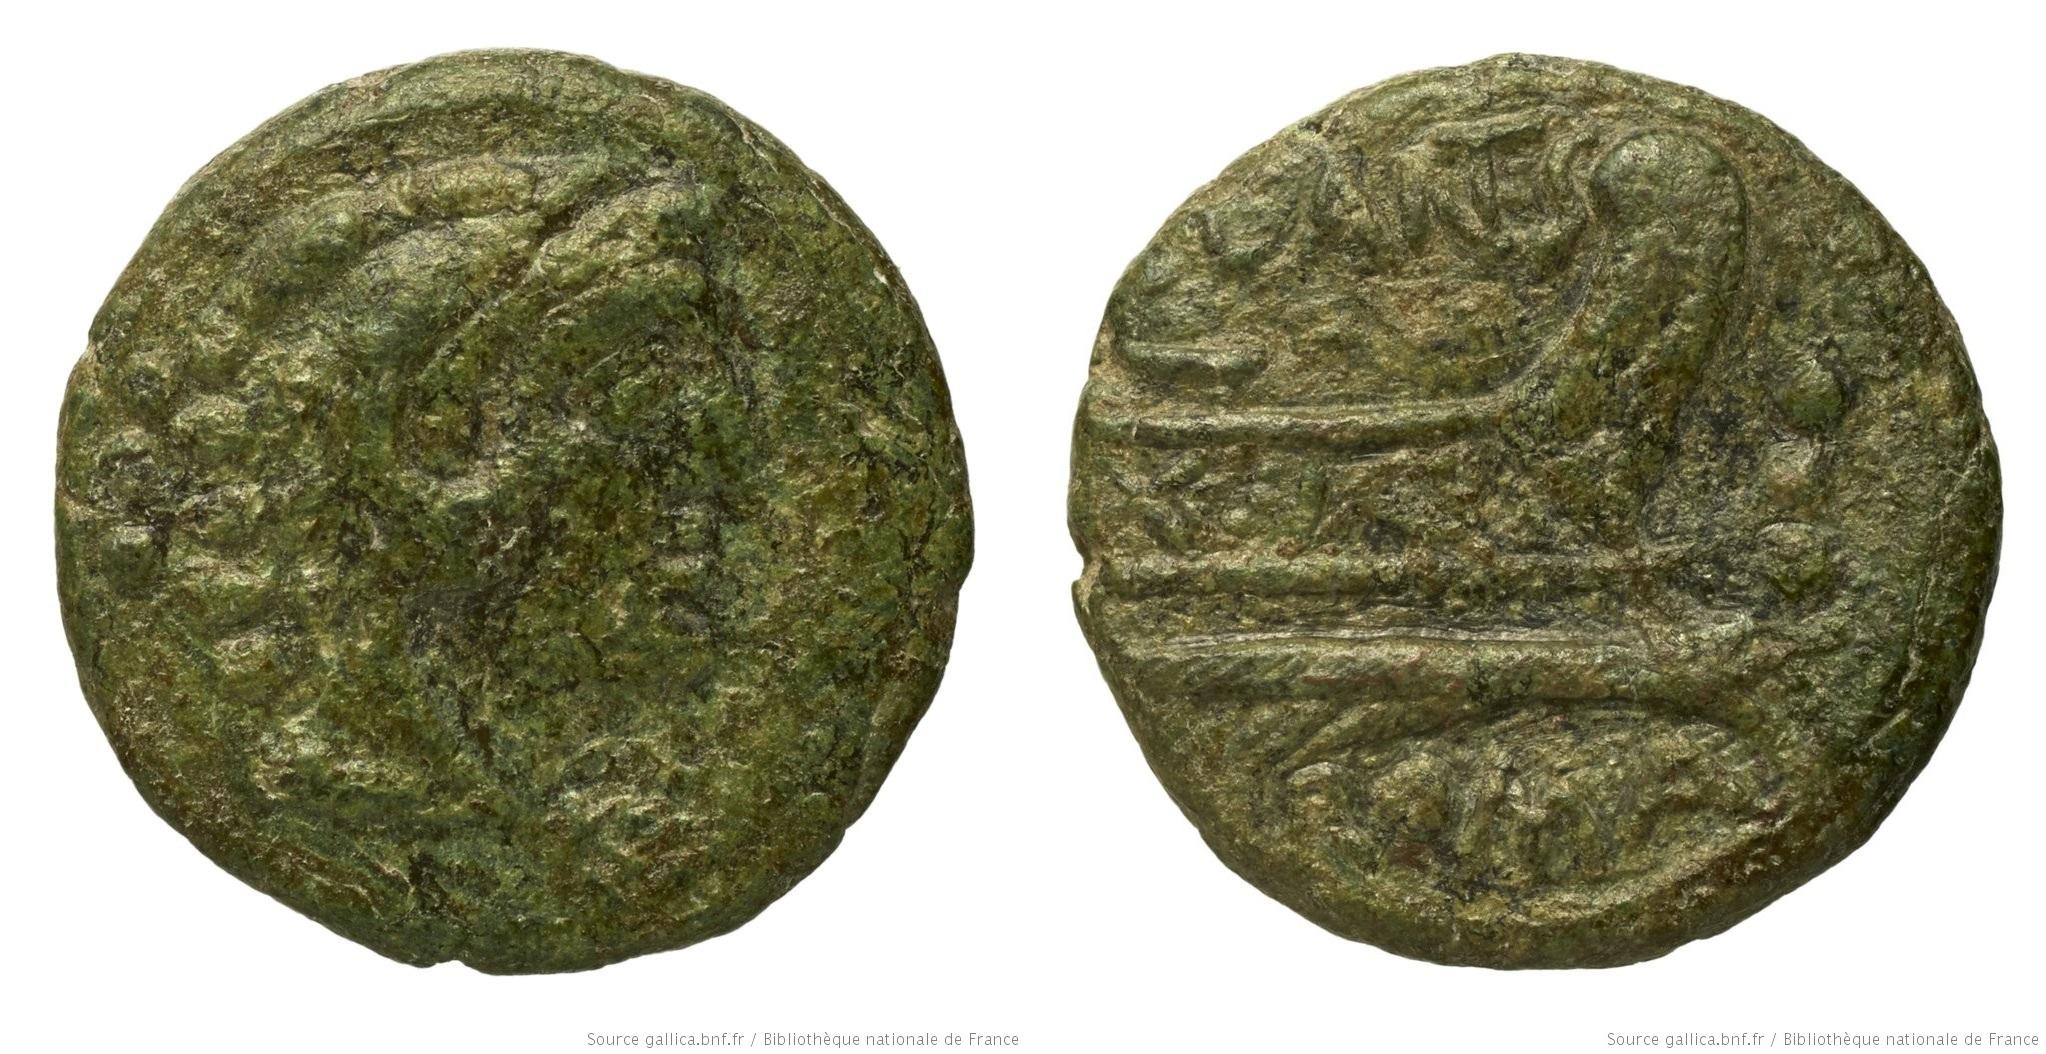 930AN – Quadrans Antestia – Lucius Antestius Gragulus